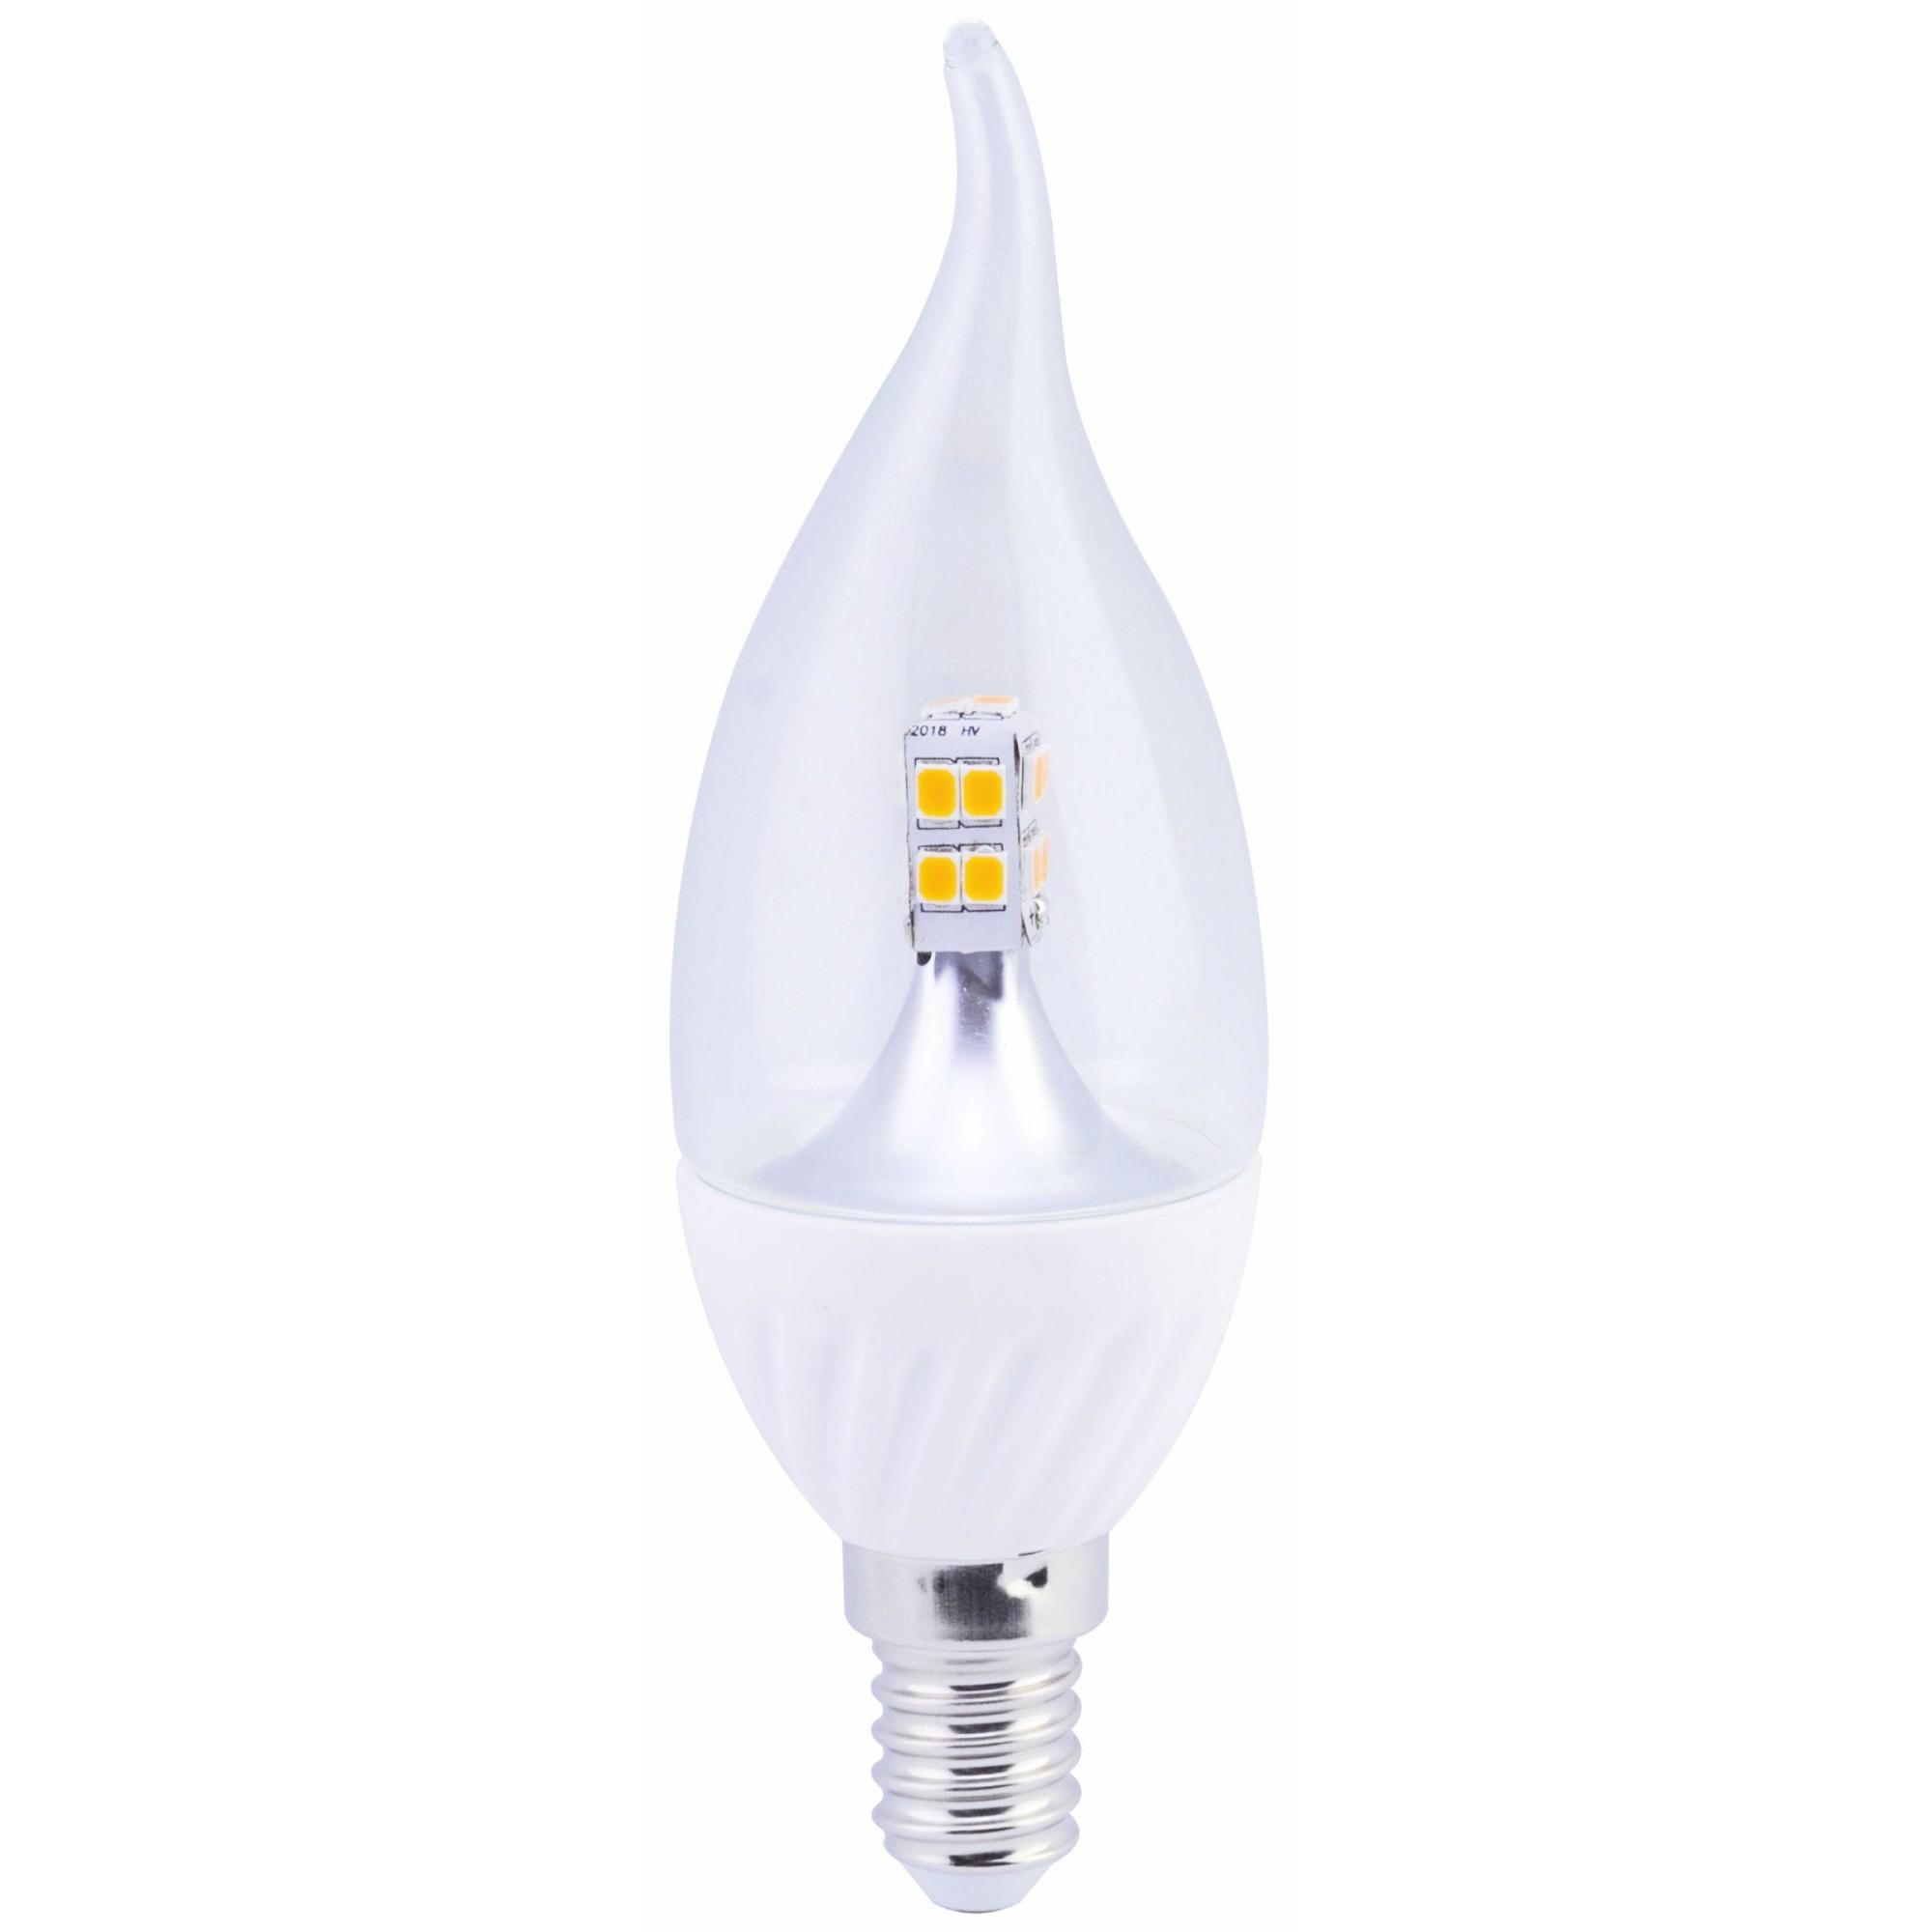 Лампа Ecola стандарт светодионая E14 4 Вт свеча на ветру 320 Лм теплый свет